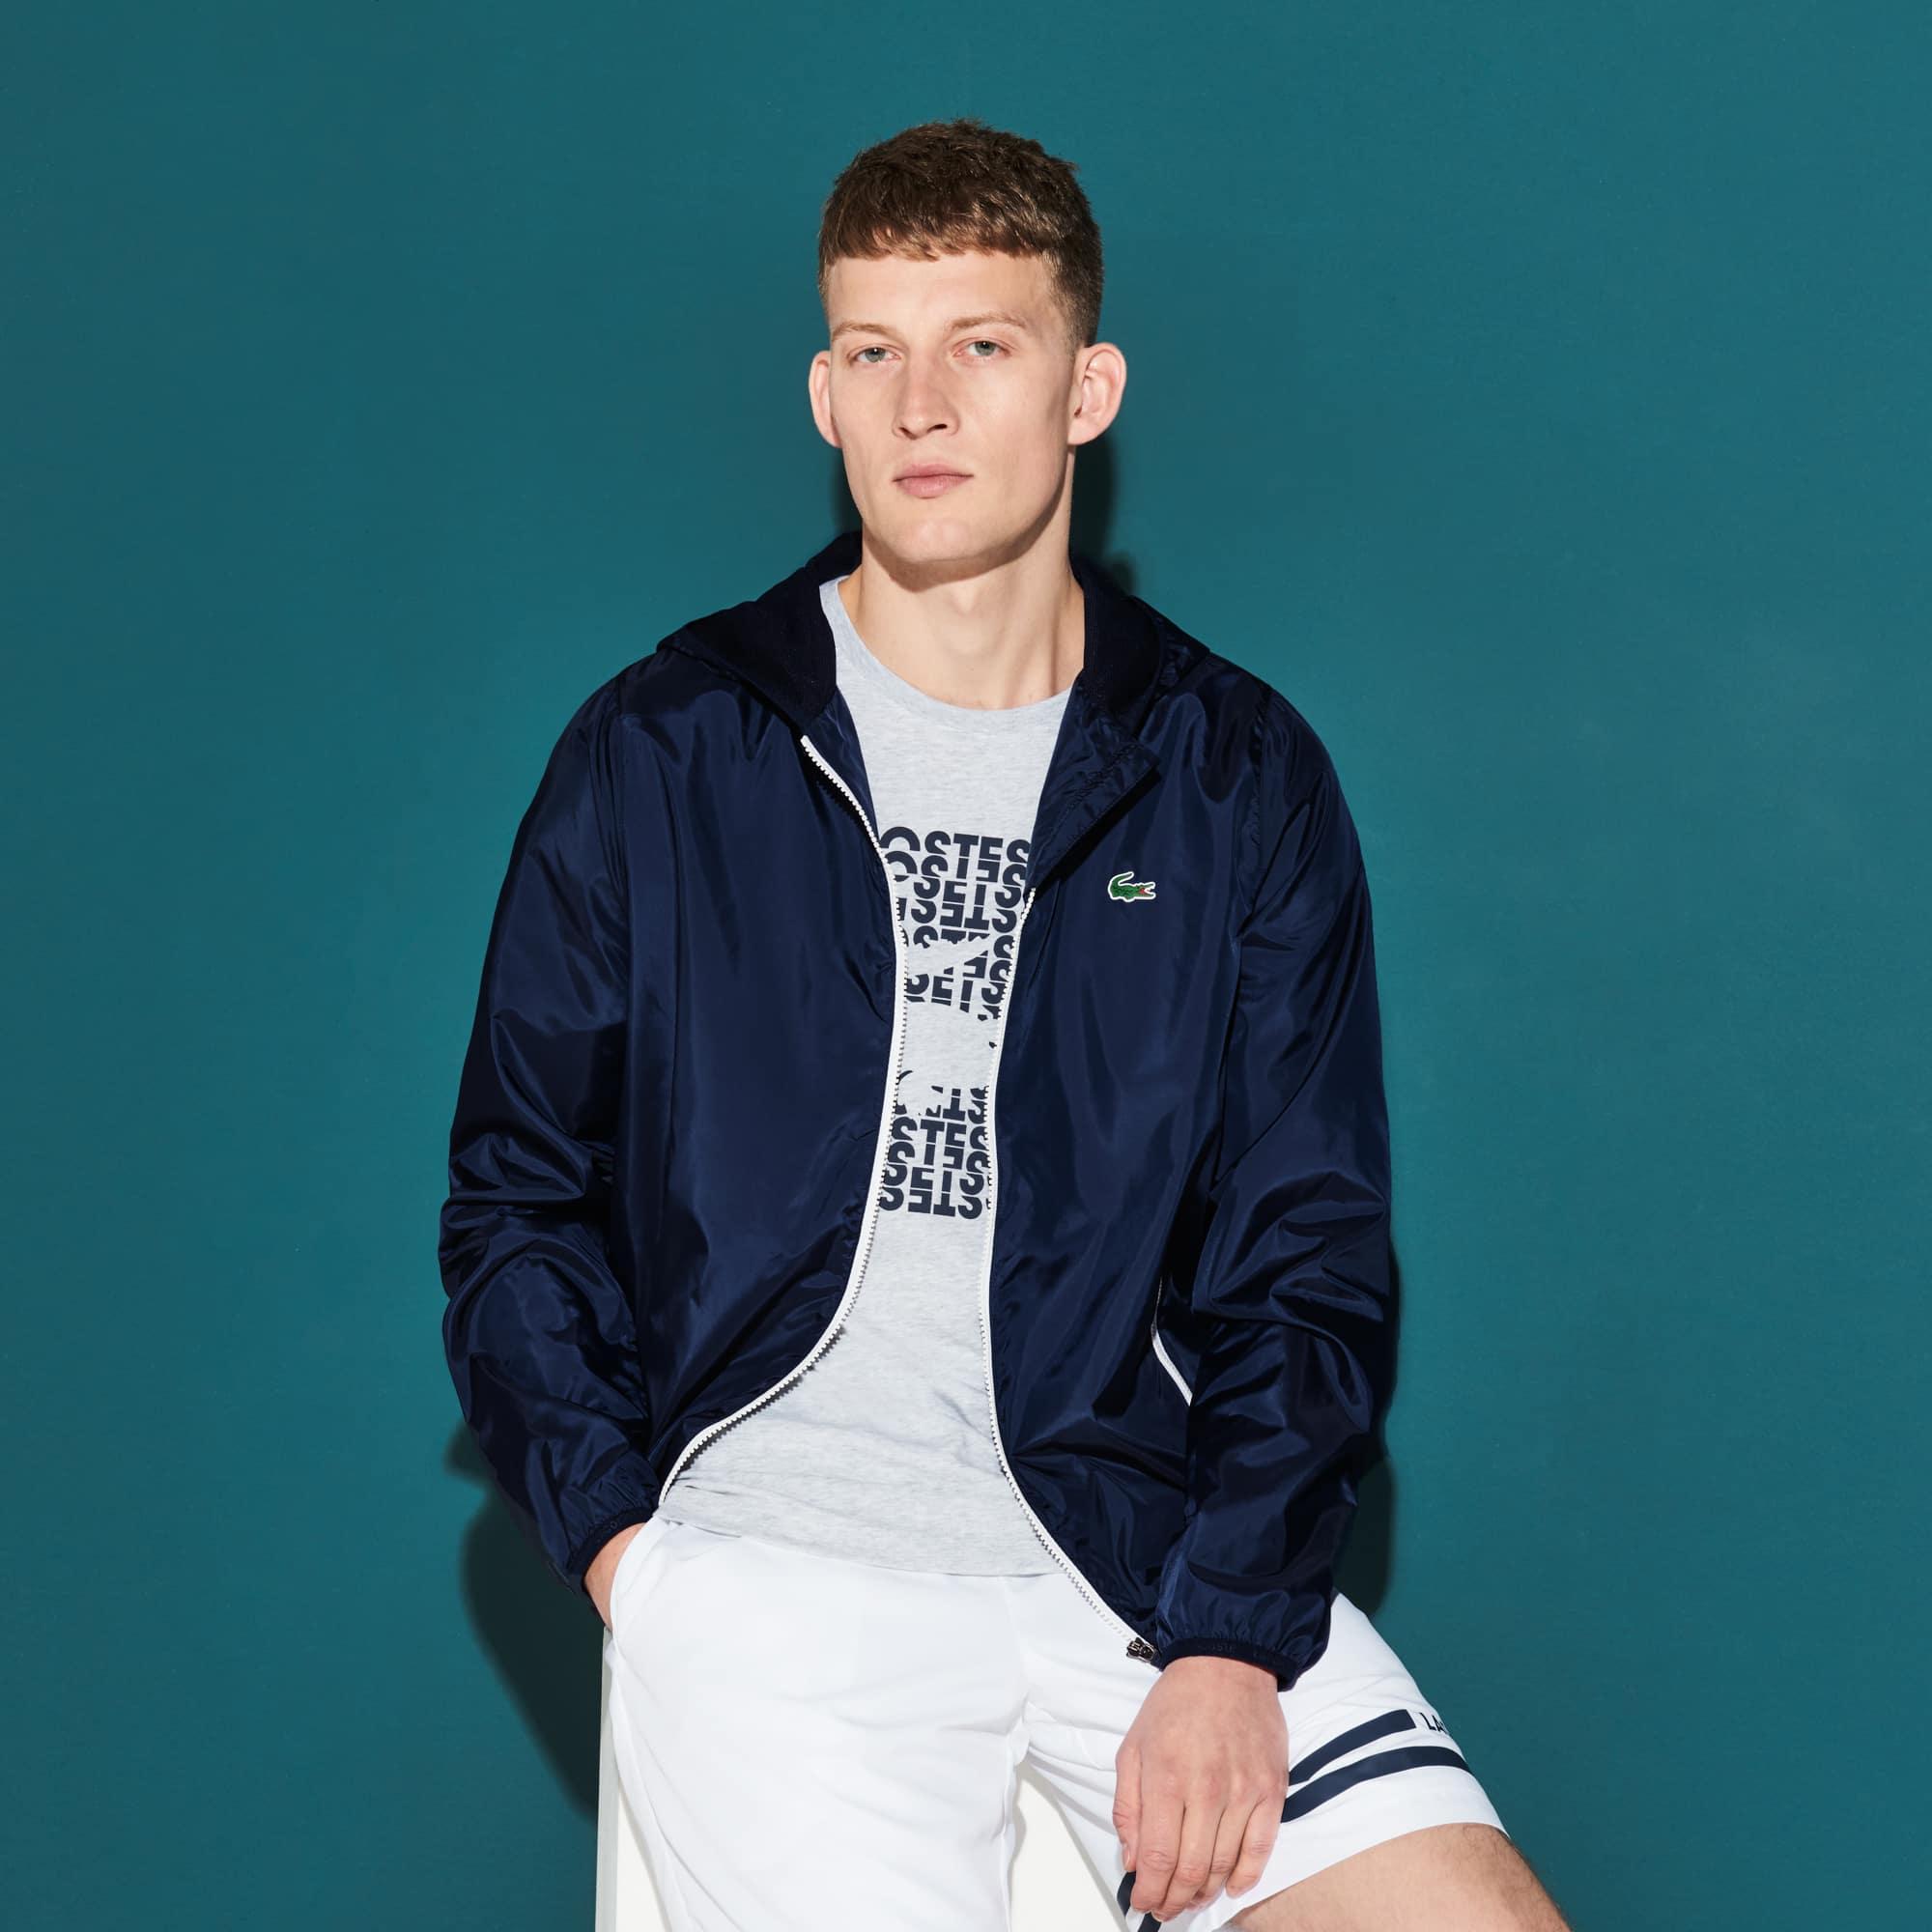 Men's SPORT Water-Resistant Tennis Jacket